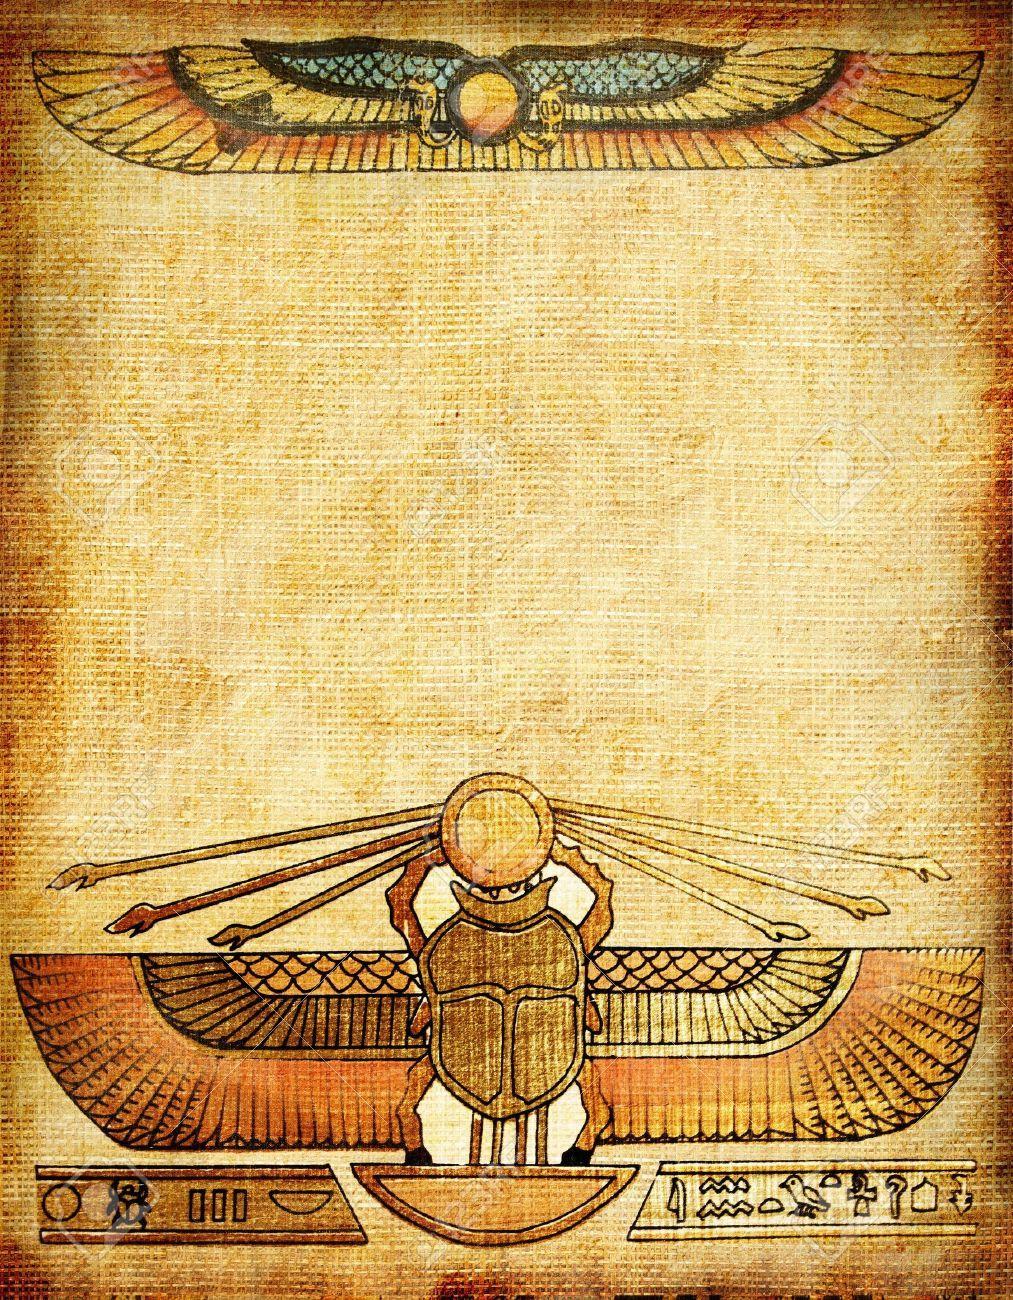 поздравления в египетском стиле лодки пвх